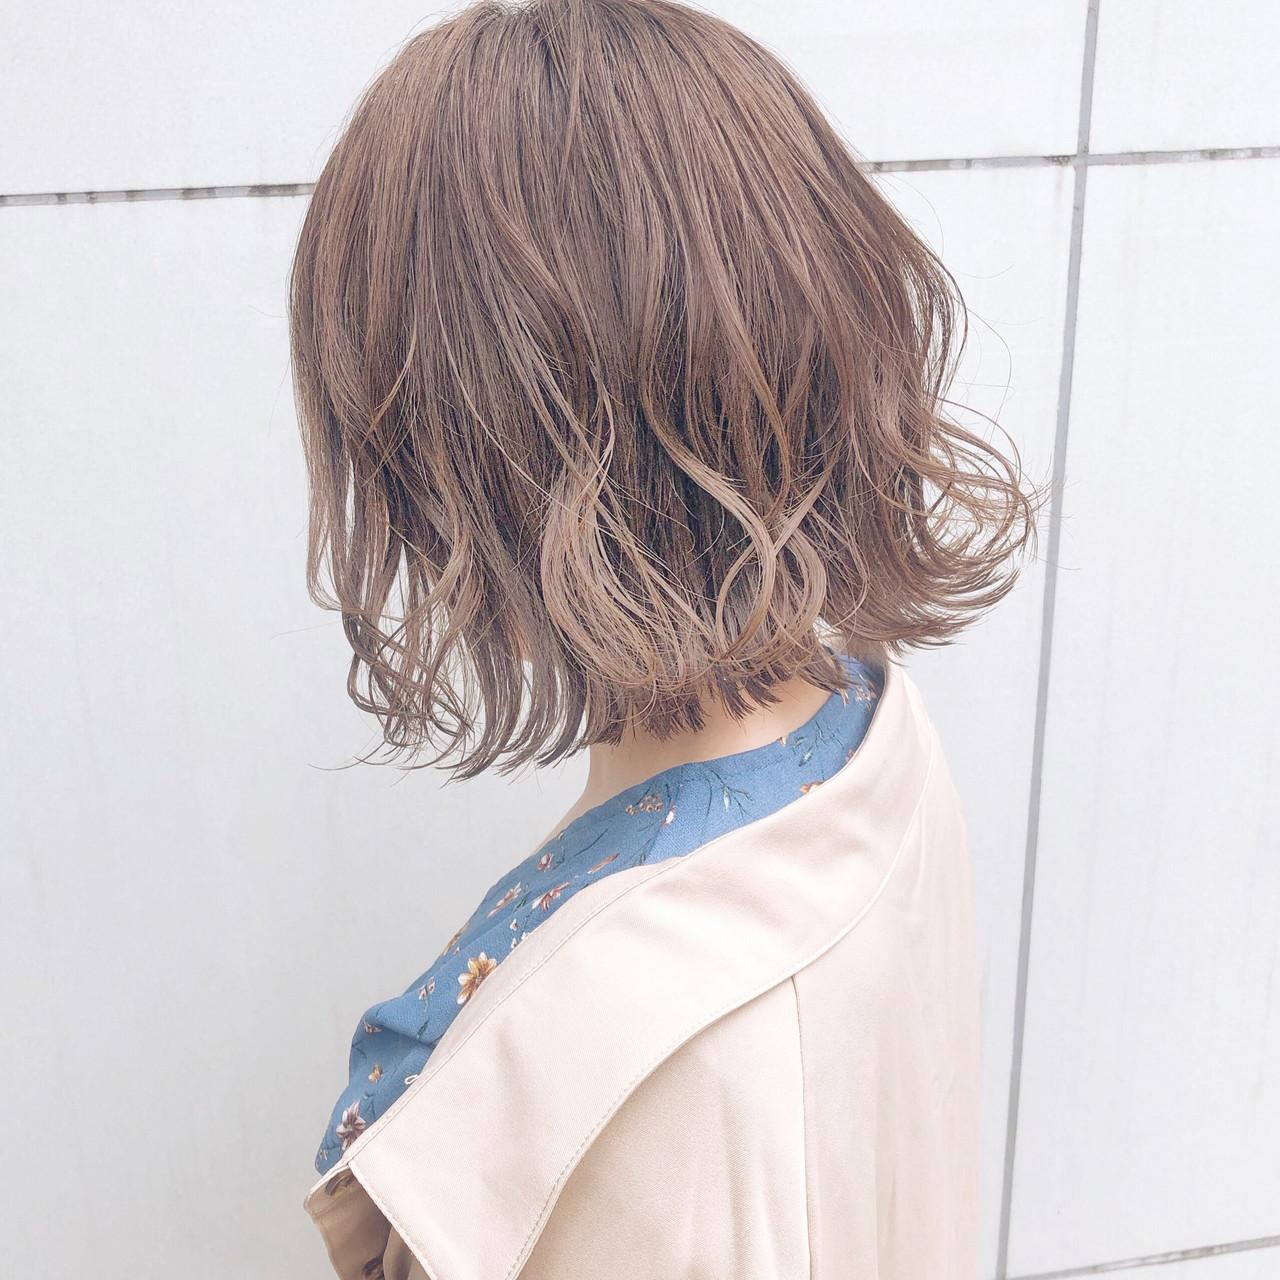 ヘアアレンジ 結婚式 パーマ ボブ ヘアスタイルや髪型の写真・画像 | 『ボブ美容師』永田邦彦 表参道 / send by HAIR